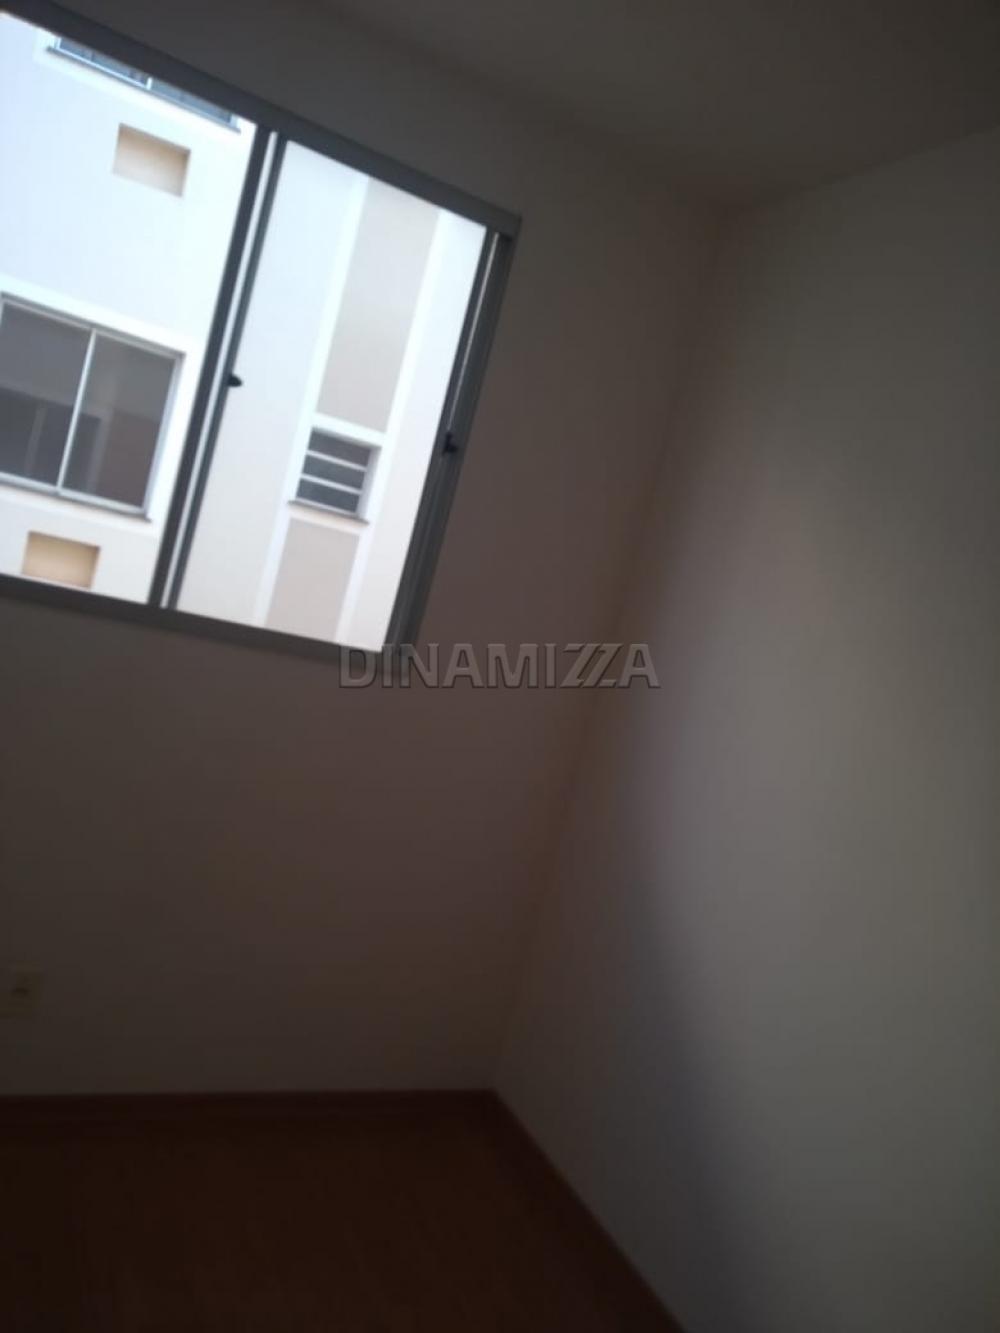 Comprar Apartamento / Padrão em Uberaba apenas R$ 135.000,00 - Foto 6